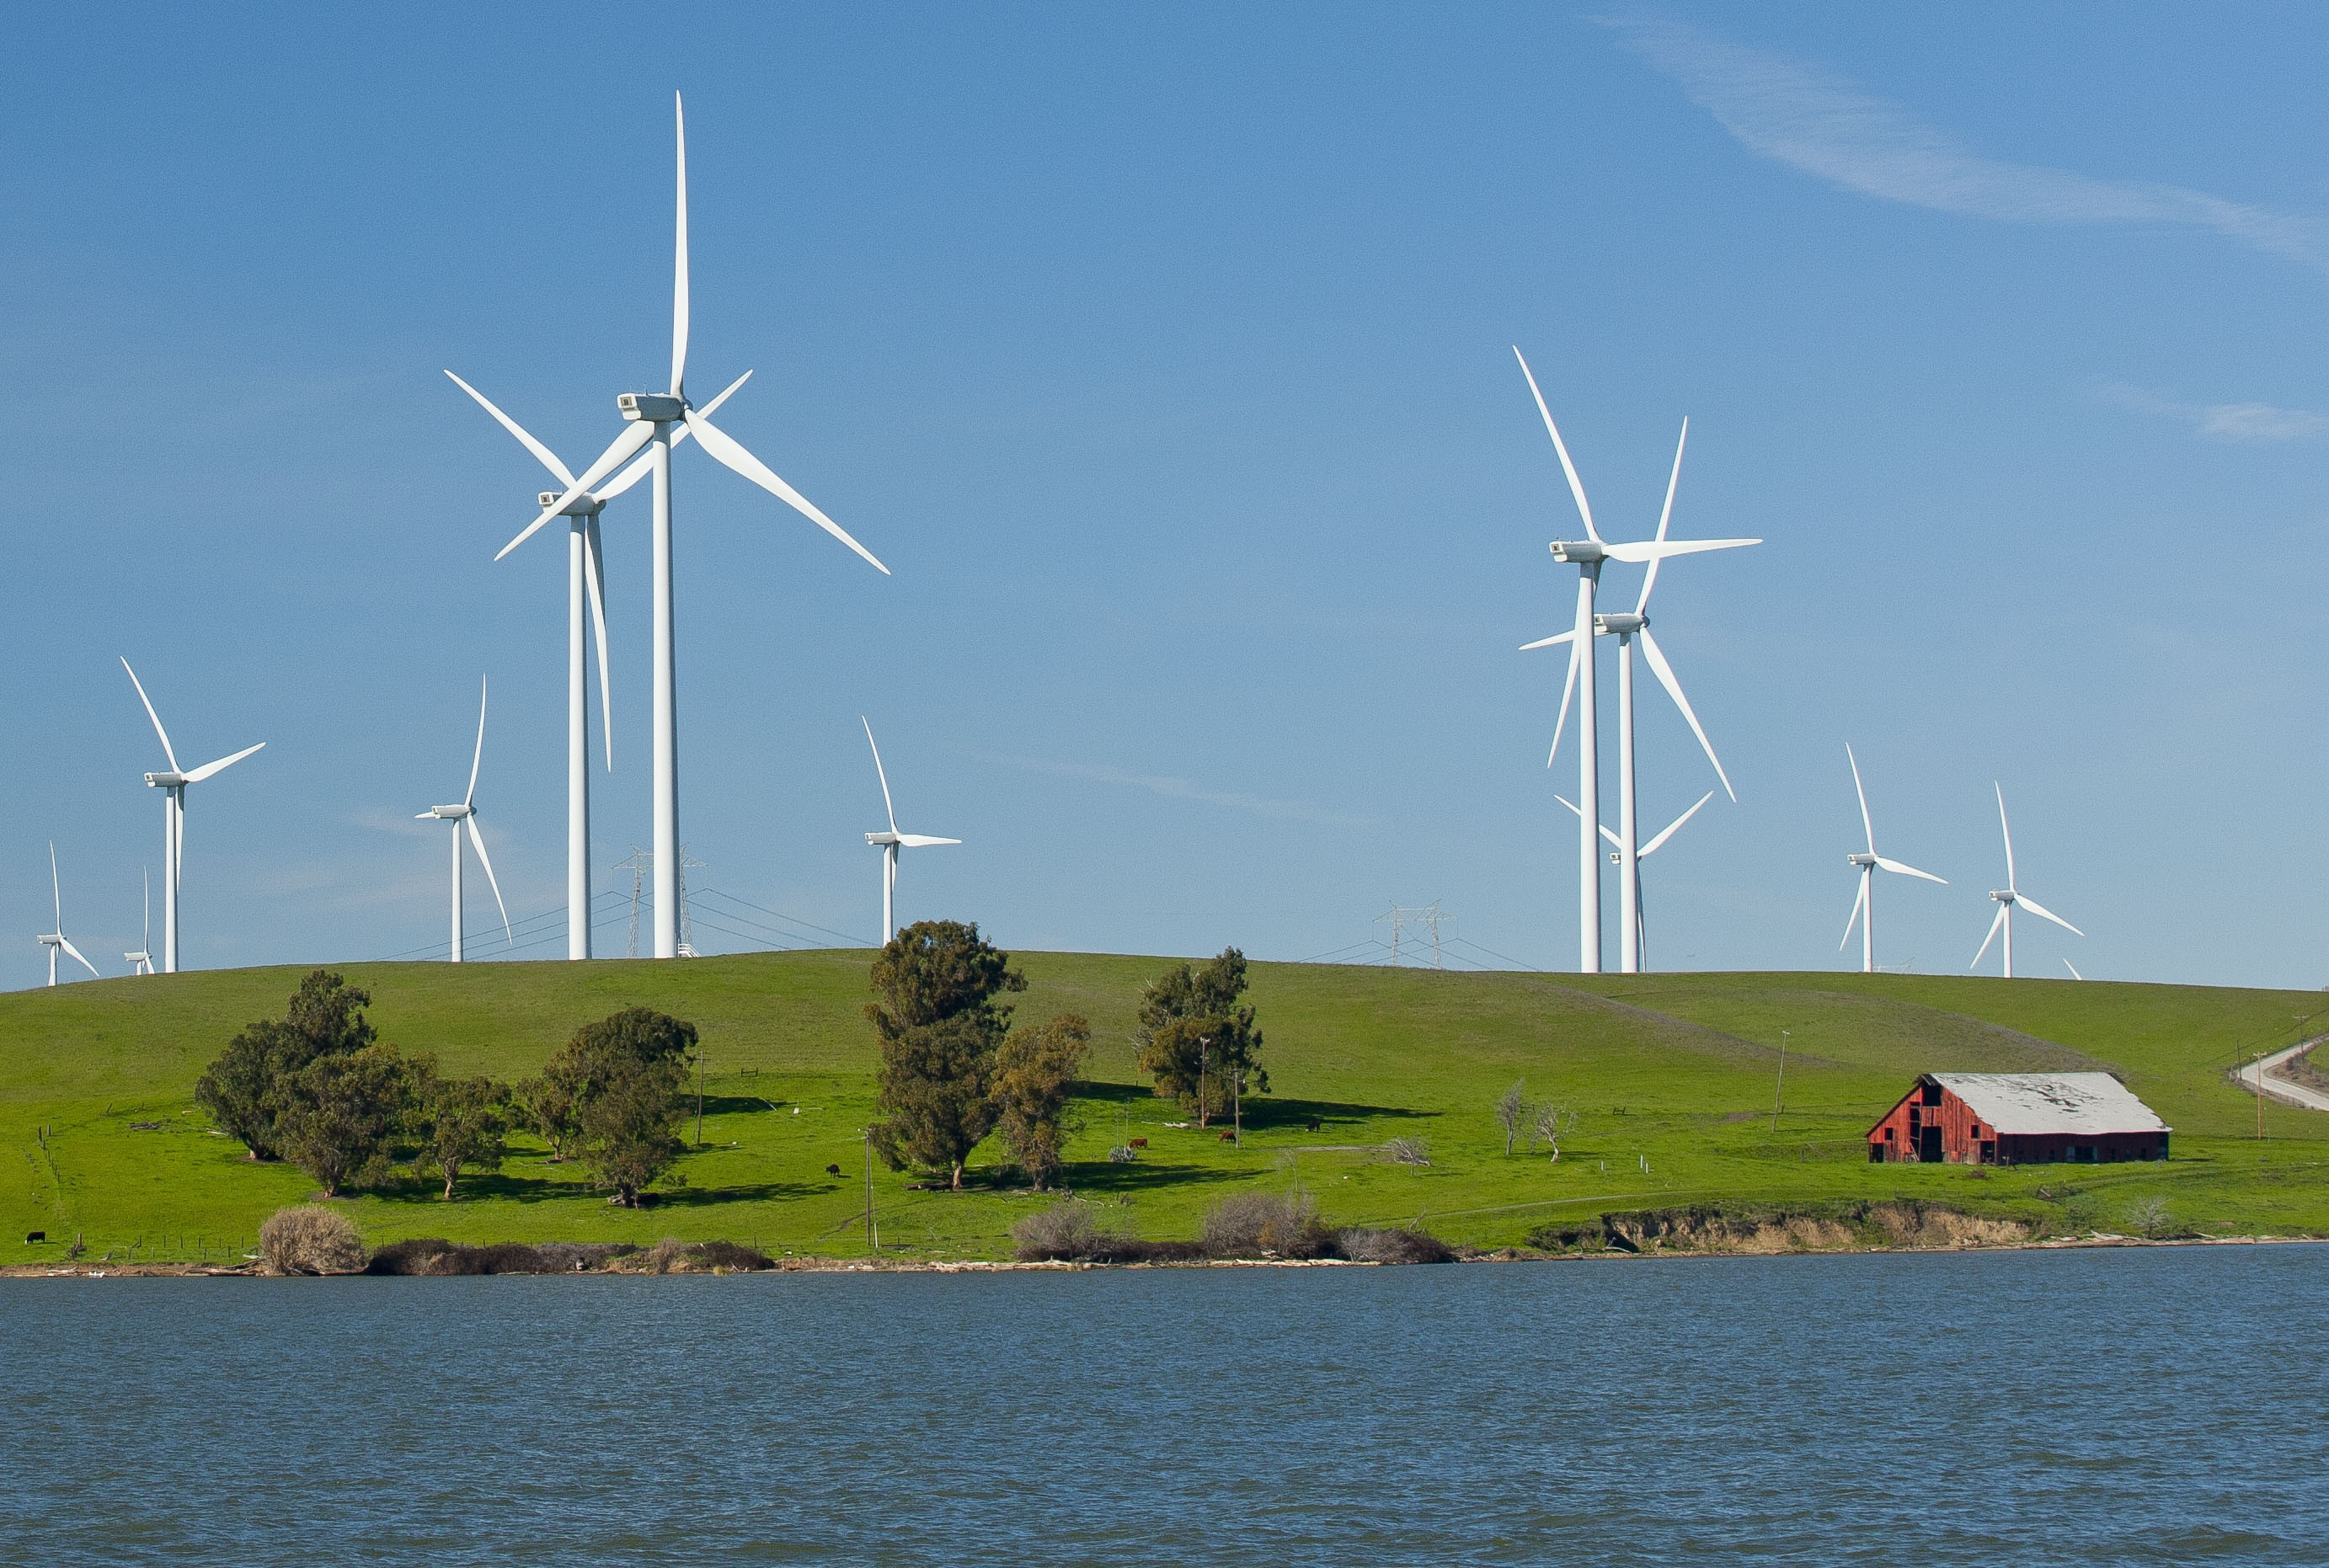 Особенности и проблемы развития ветровой энергетики